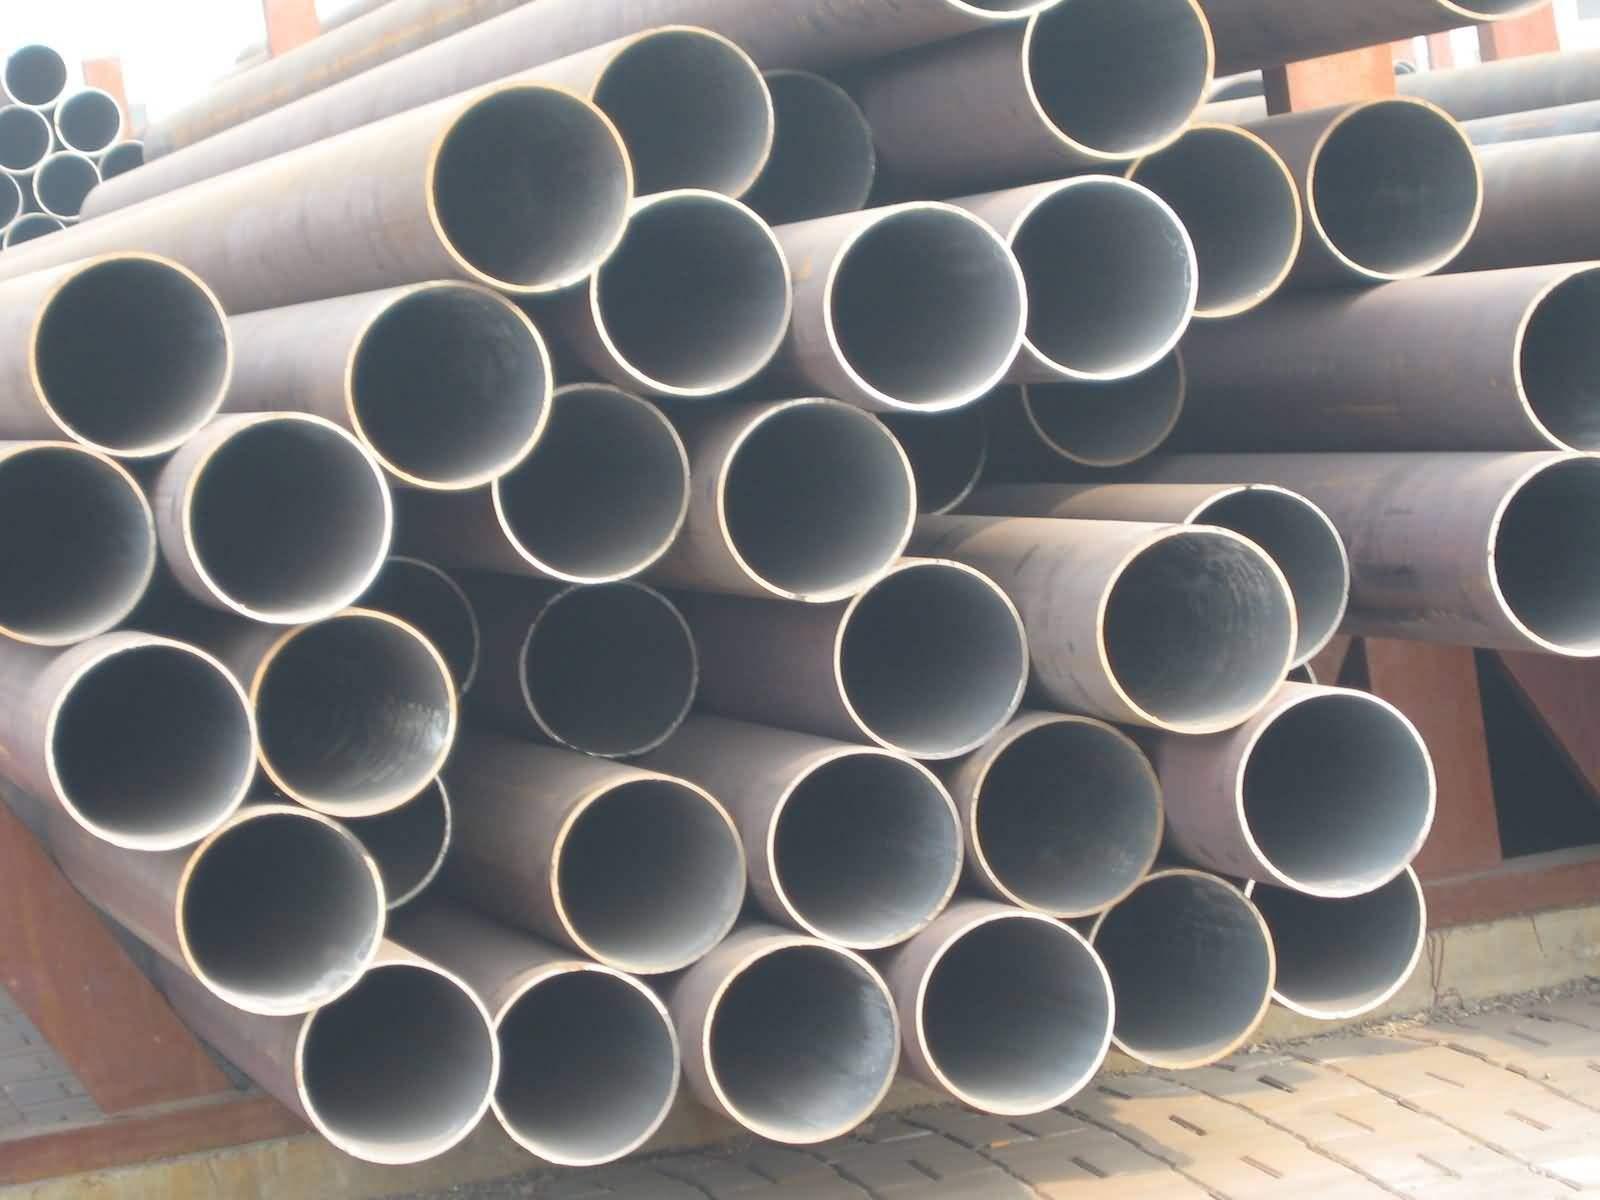 六角钢管_山东薄壁不锈钢管_后壁不锈钢管供应商_珩磨管_注浆管_圆钢镗孔